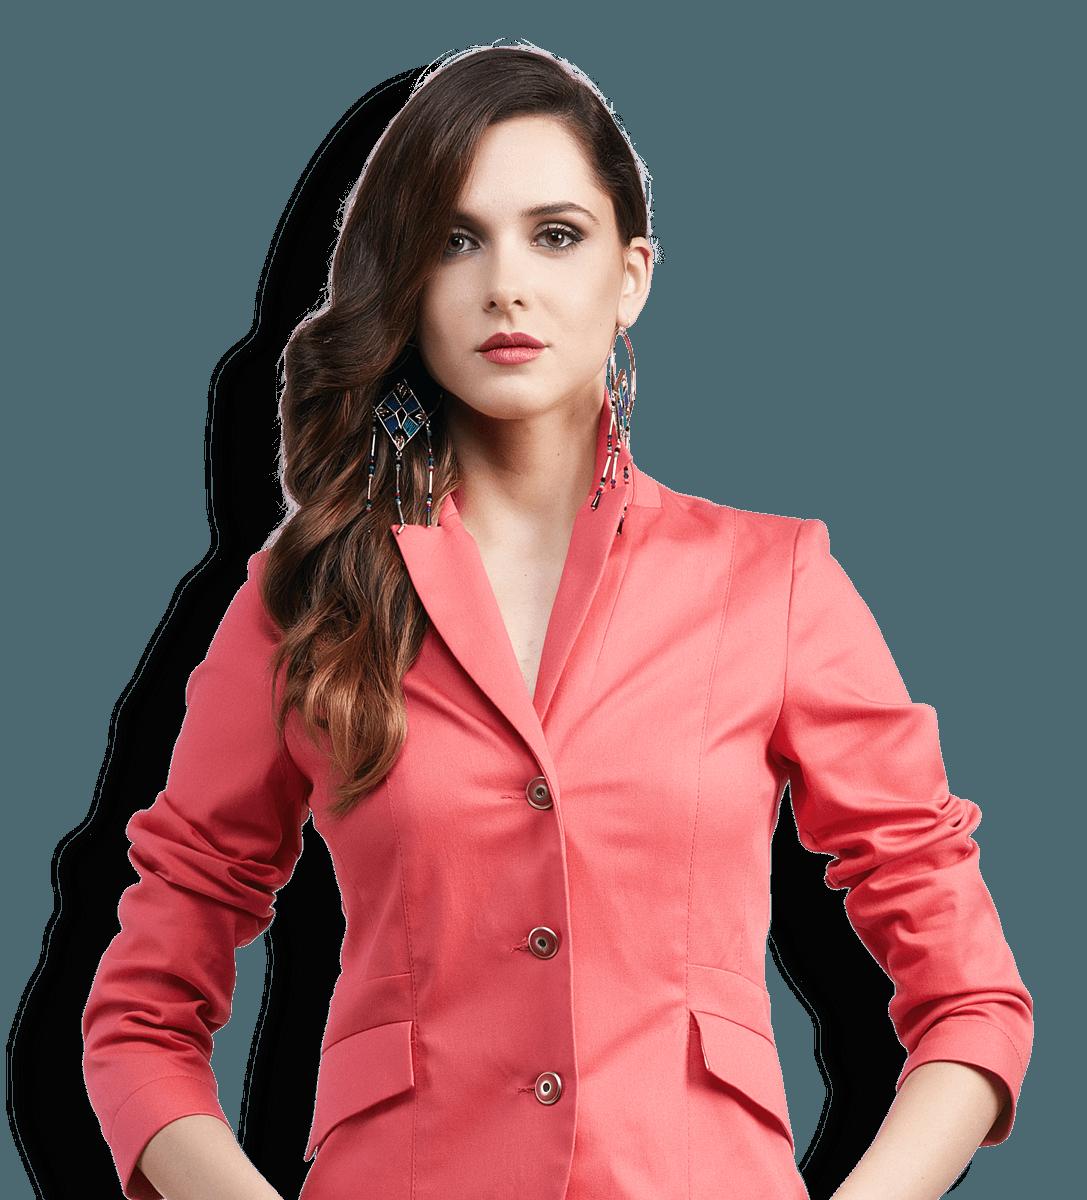 8e0089be2fa LuxyLu - Дамски костюм от памук в червено - Електронен магазин за ...